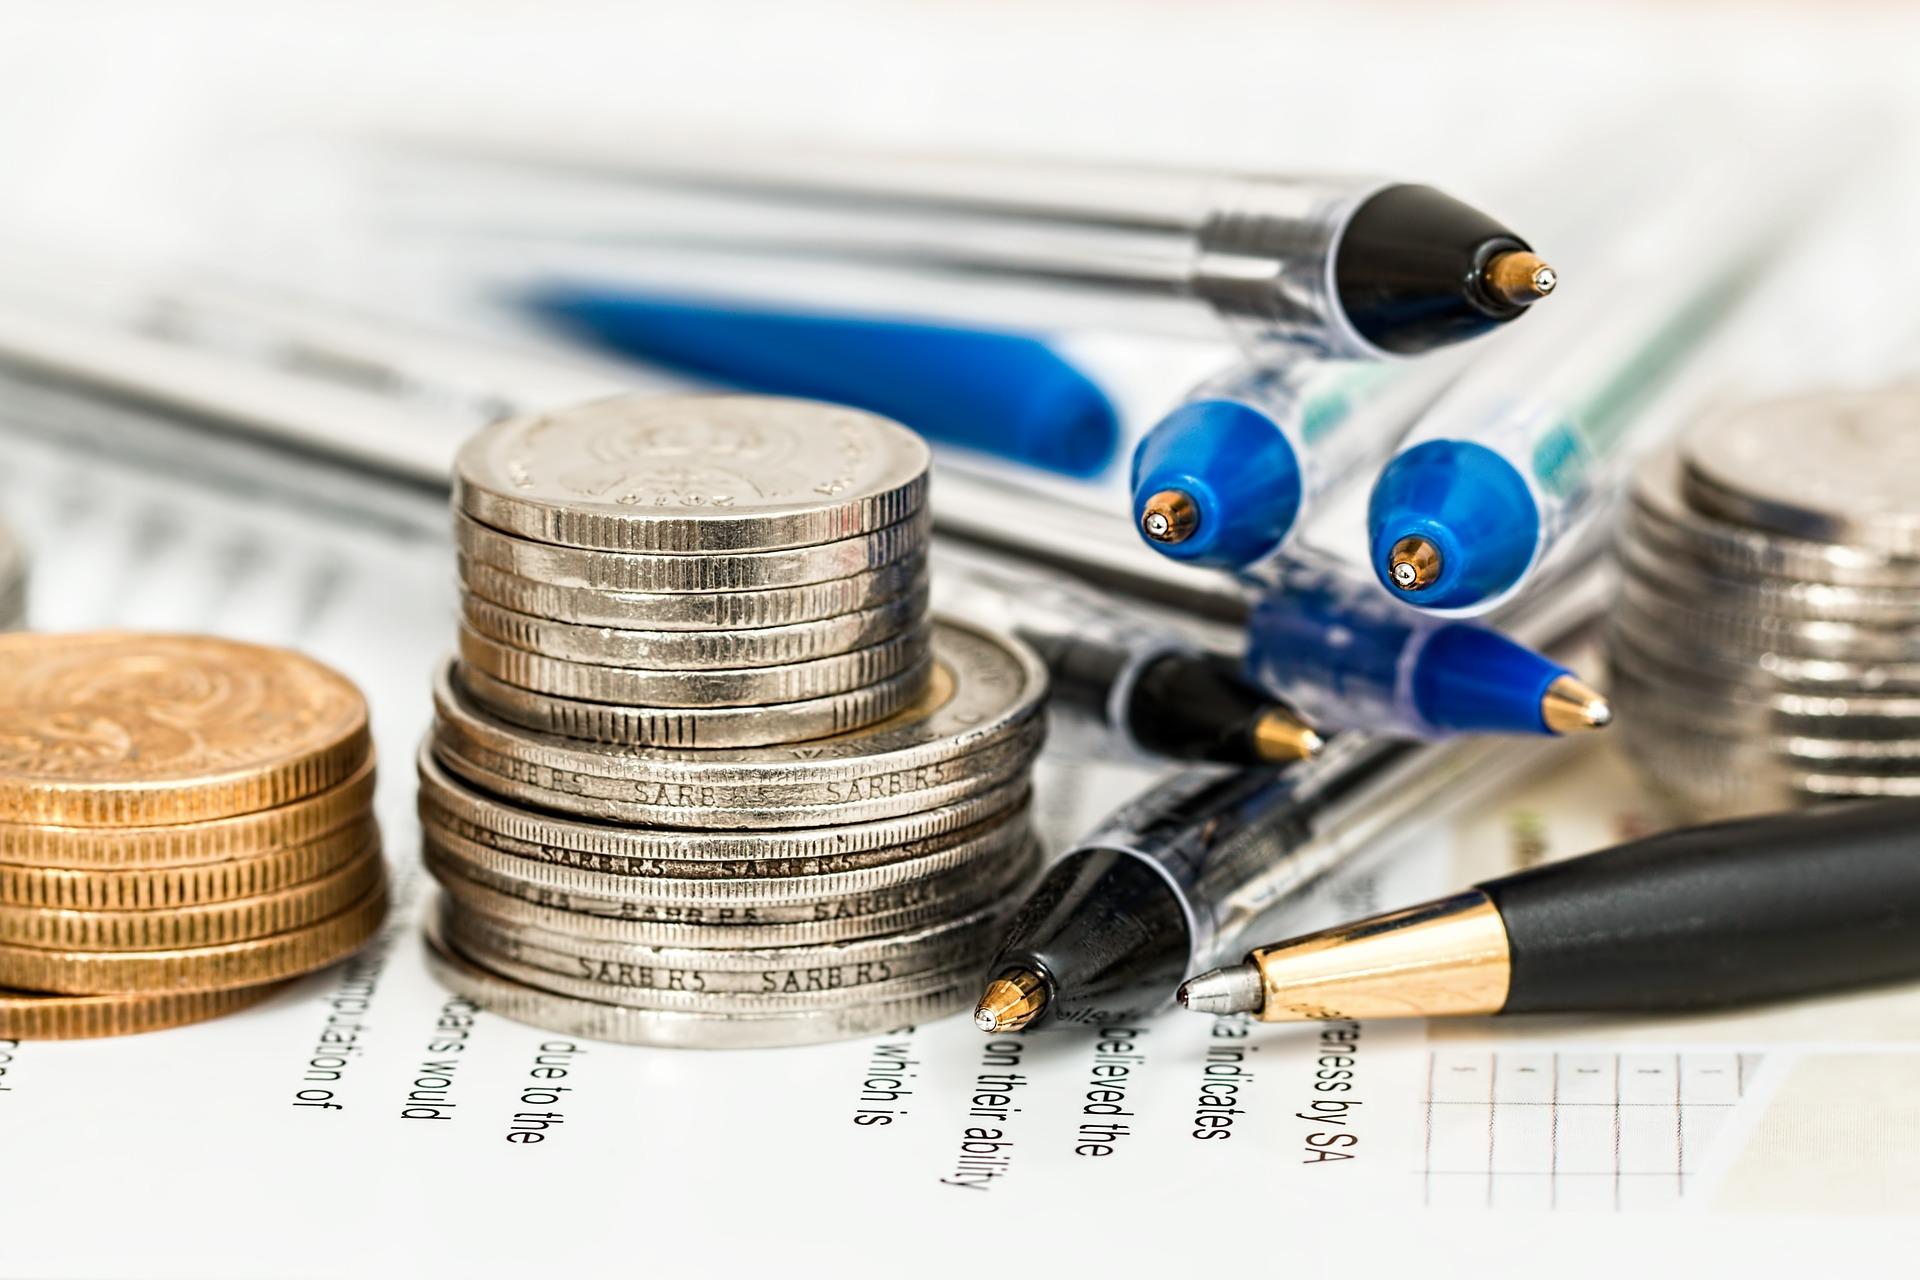 Flyttkostnader avdrag räknas ut med pengar och penna